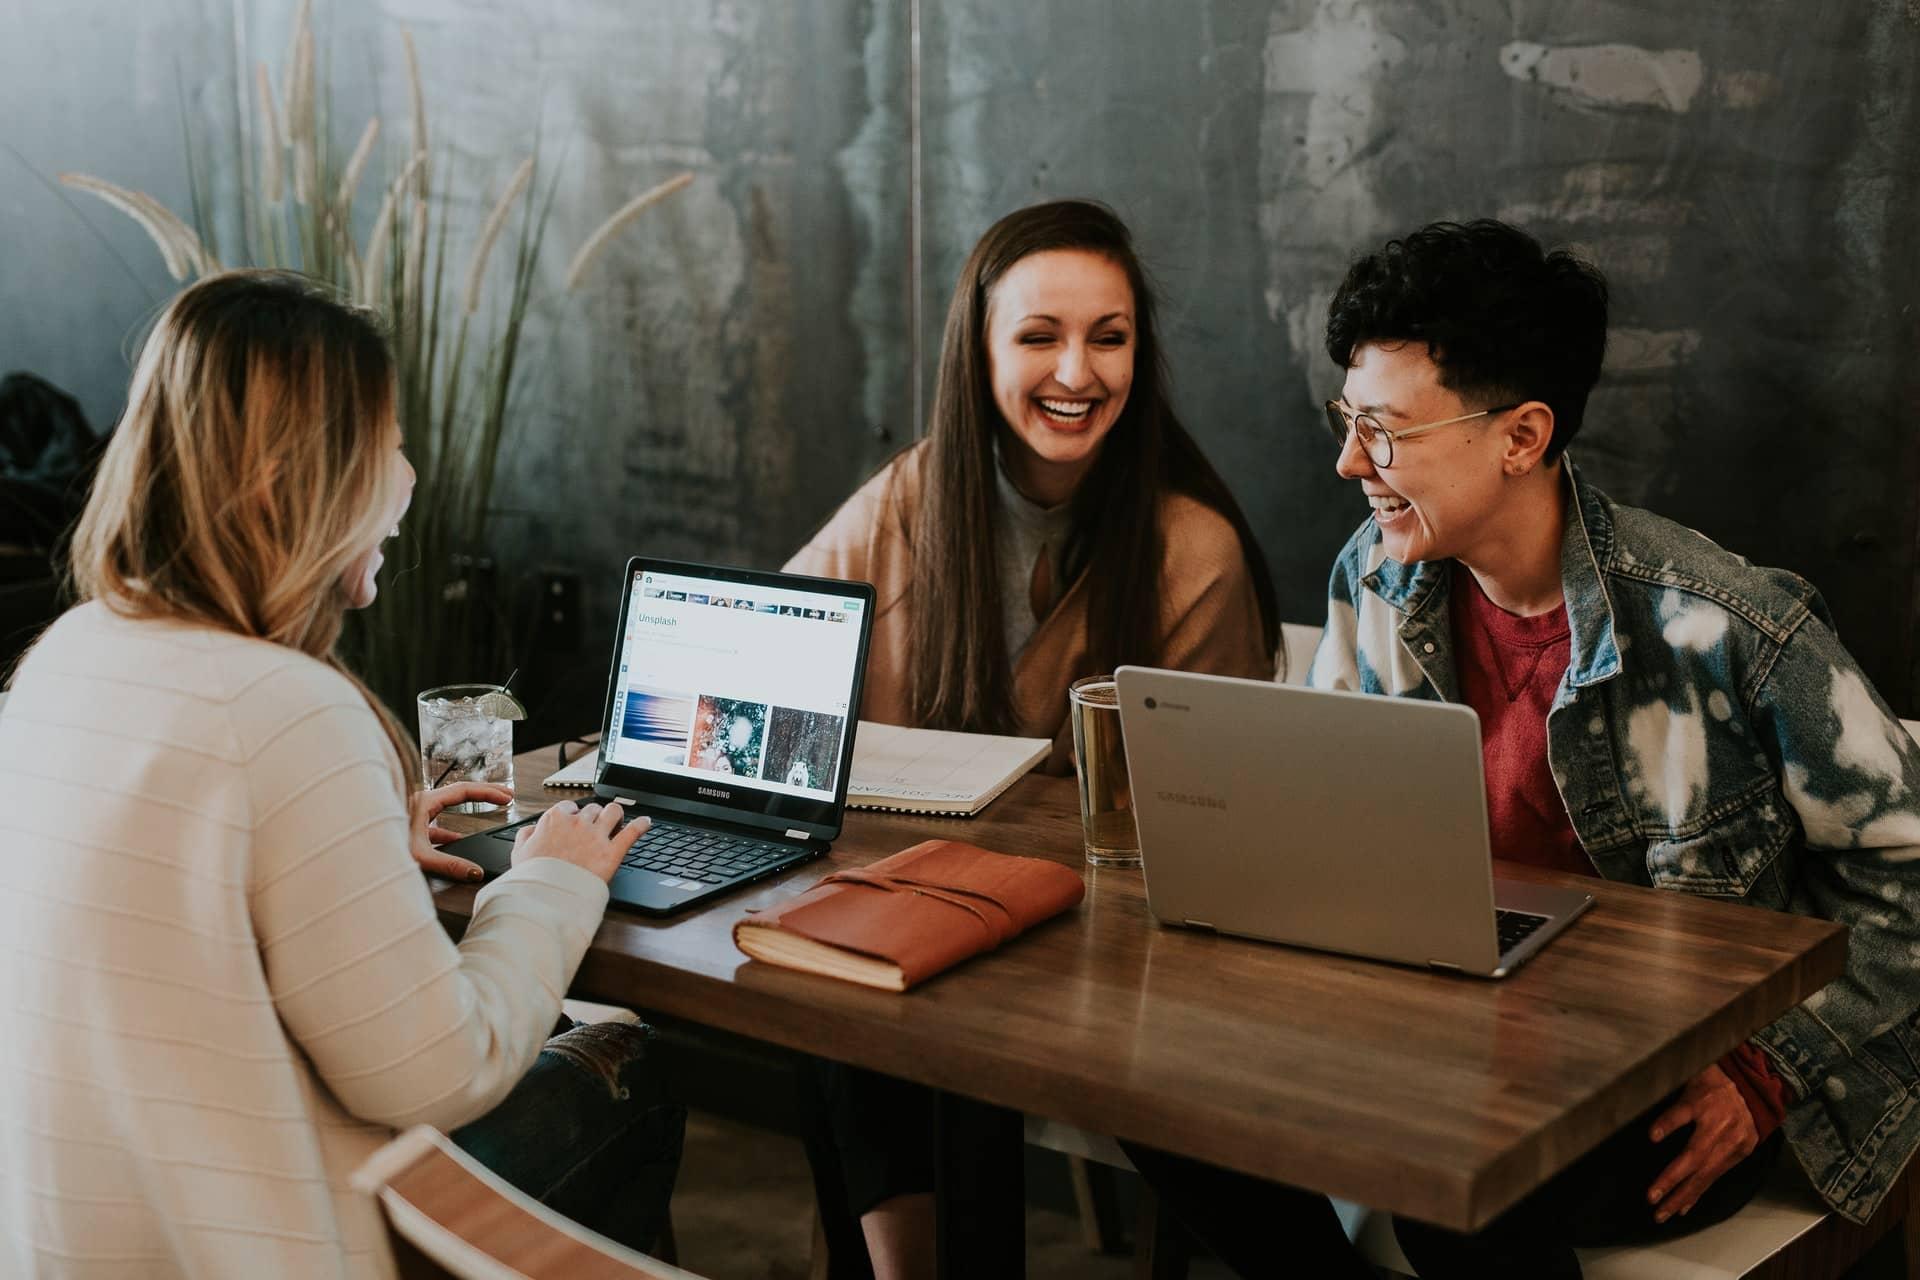 women laughing around laptops